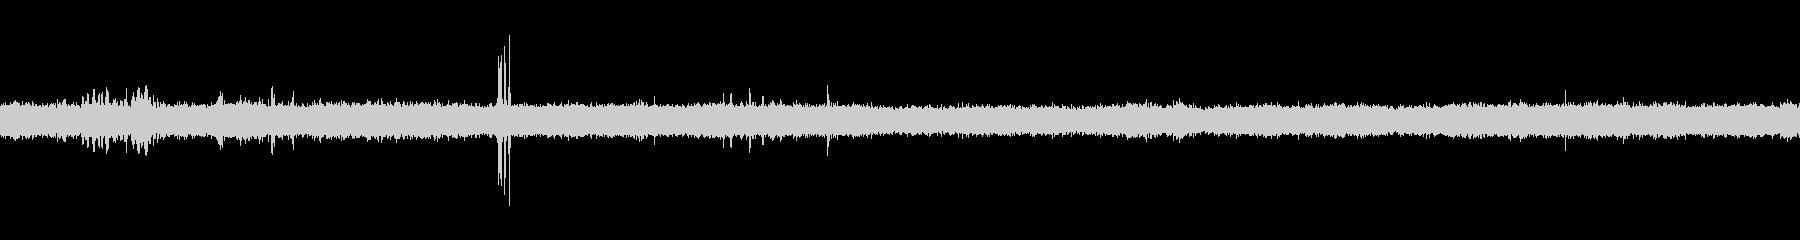 【環境音】虫、鳥──秋の里山その1の未再生の波形